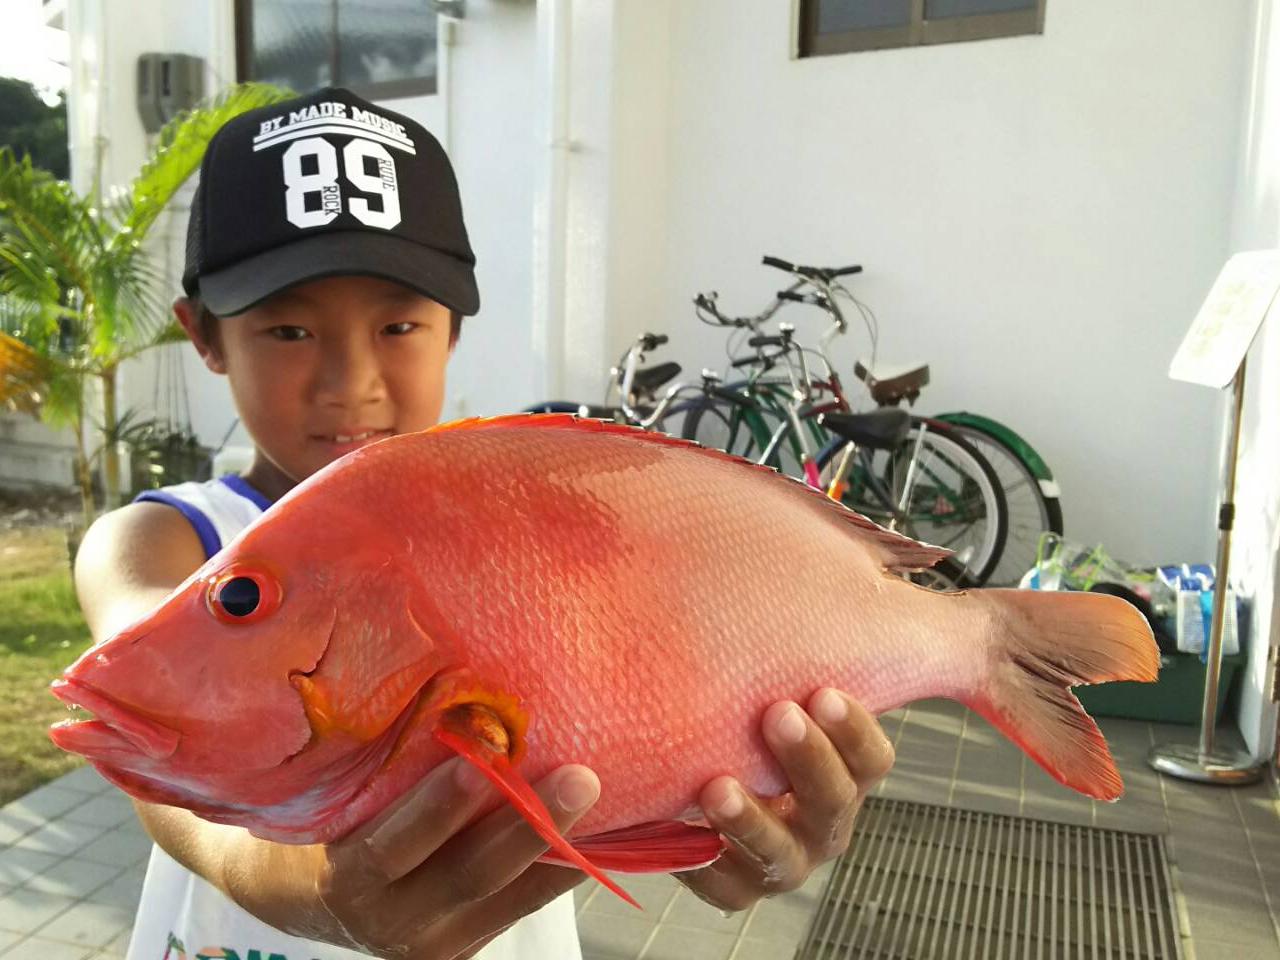 西表島釣りツアーで魚を釣り上げた少年